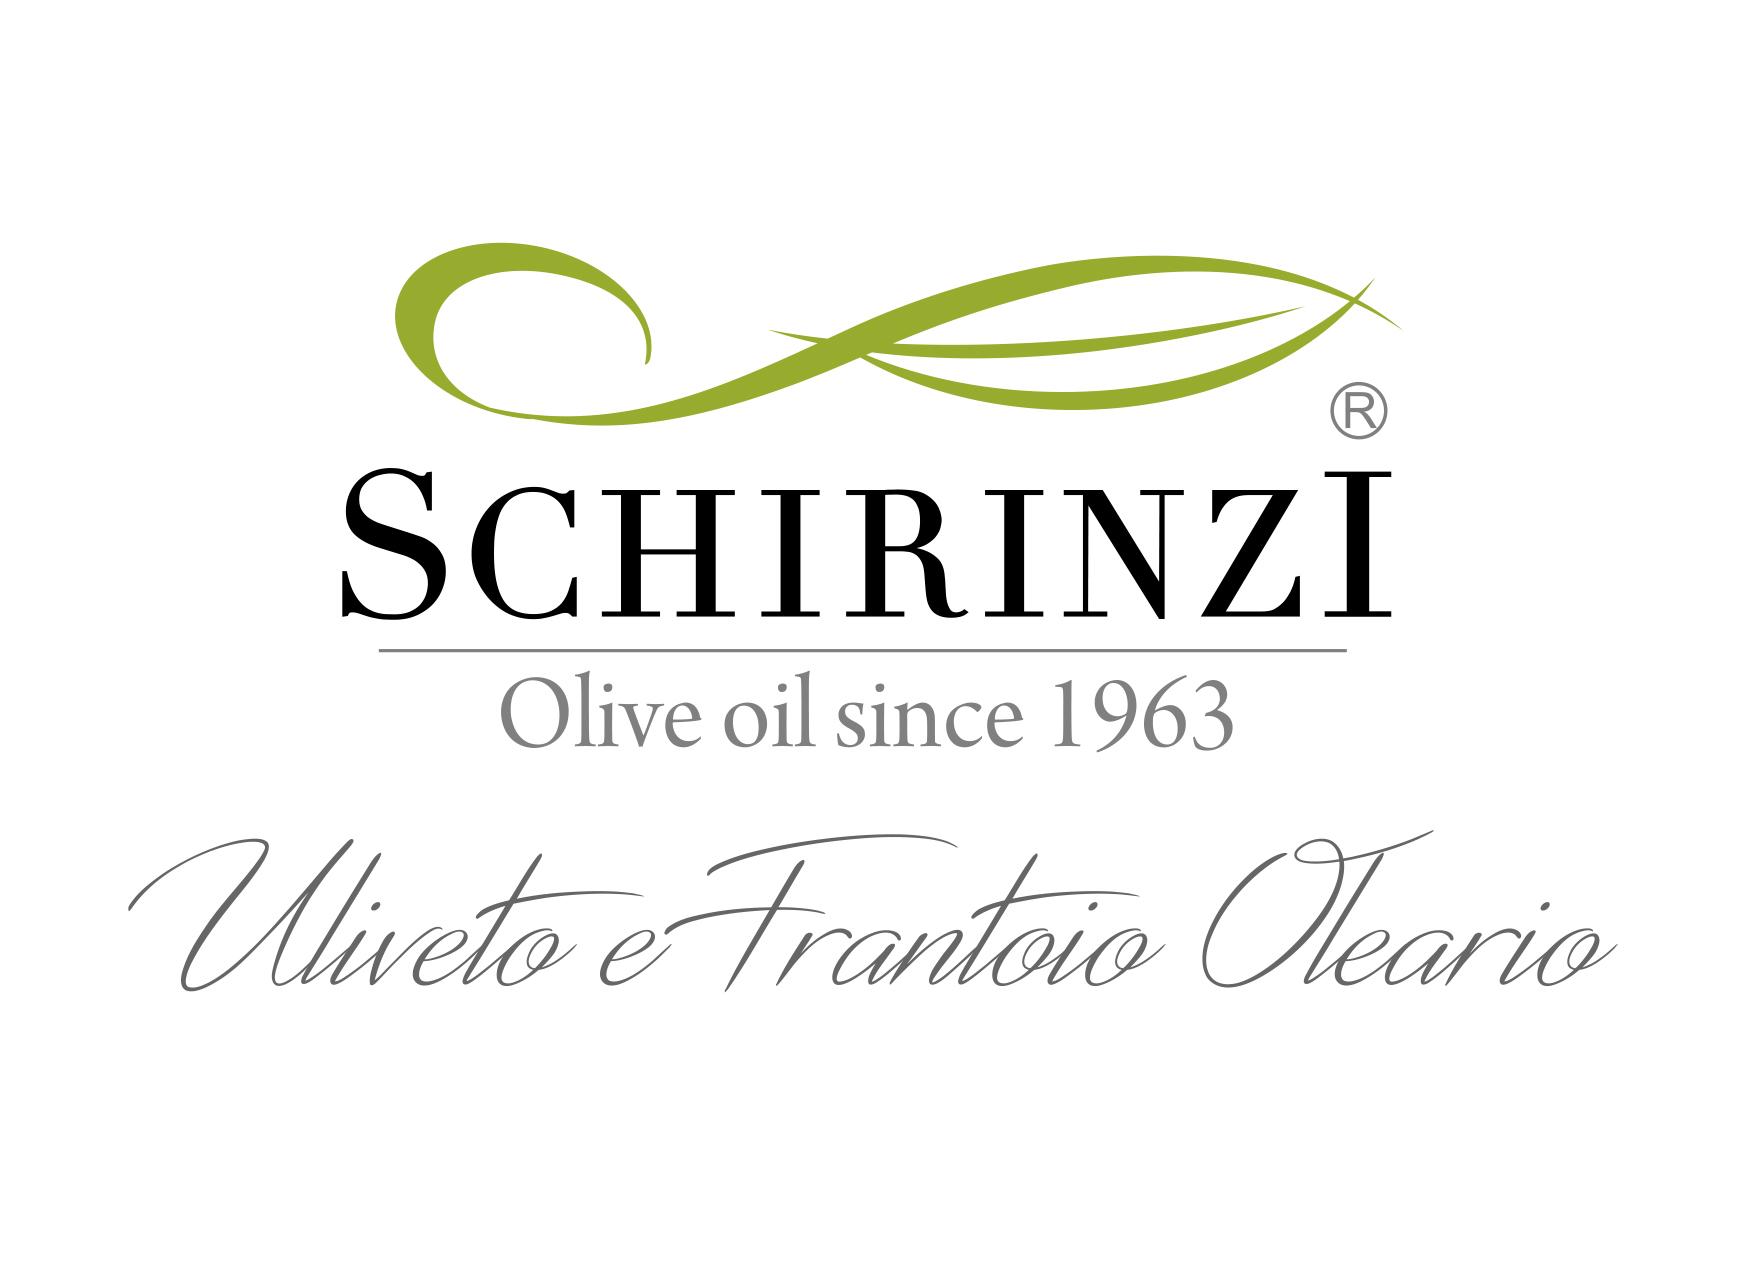 progettazione marchio oleificio Progetto grafico marchio frantoio oleario Schirinzi